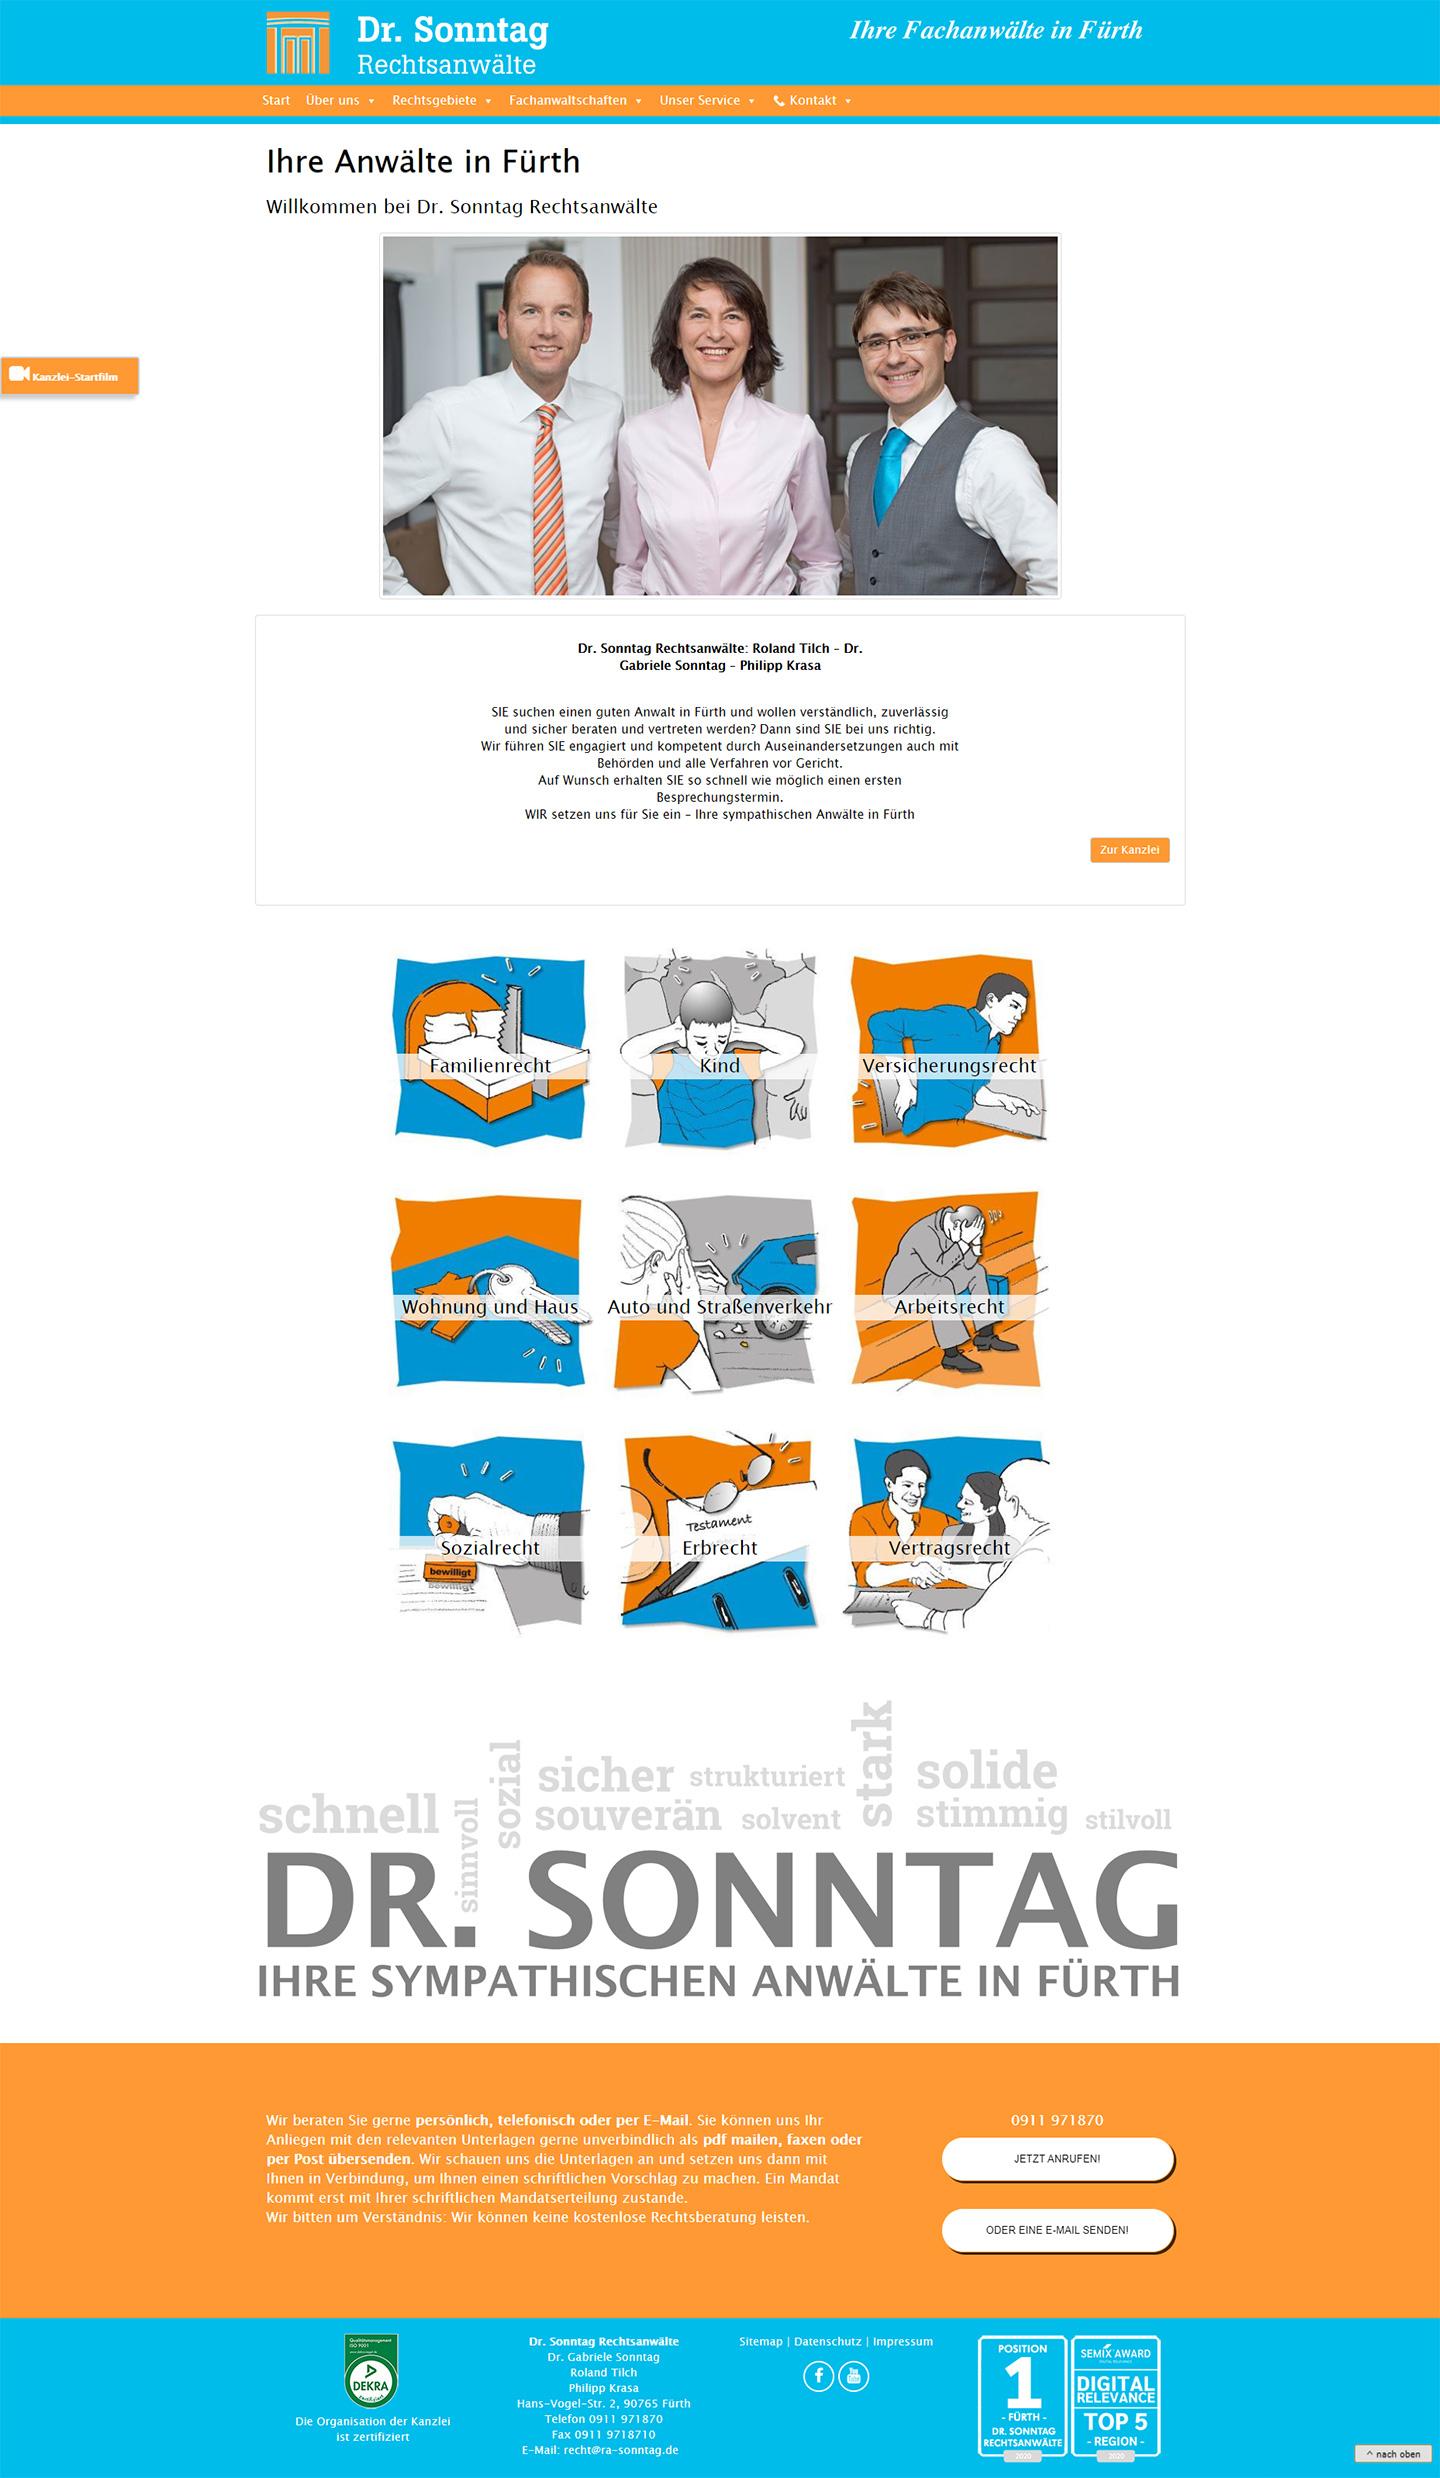 drsonntag-rechtsanwaelte-webdesign-desktop